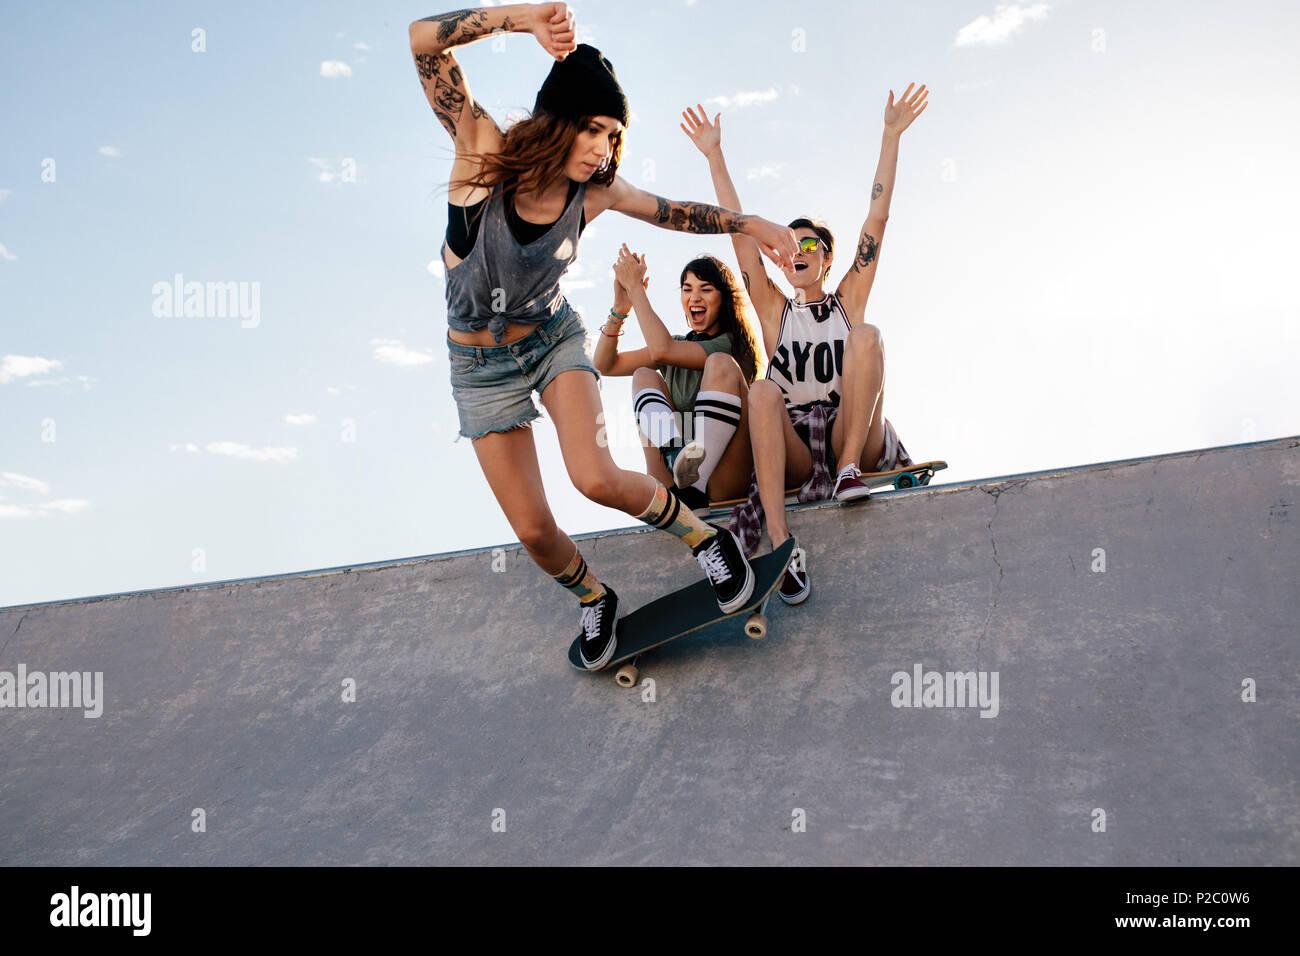 Skater girl cabalga sobre monopatín con amigas sentado en la rampa  animando. Hembra de skate 270275c572e